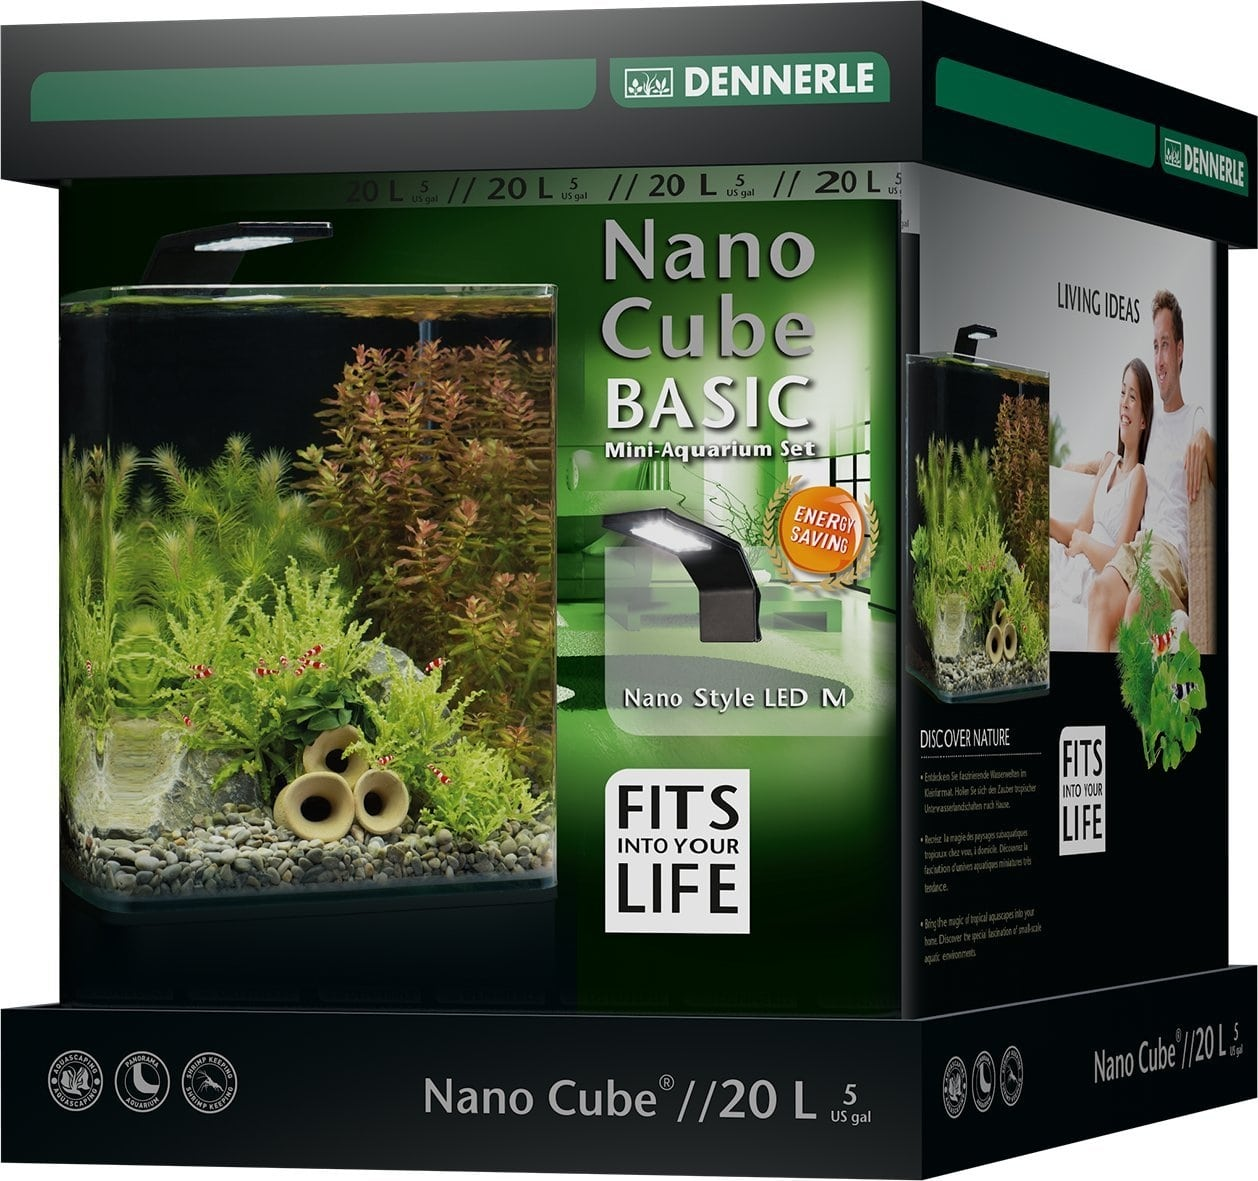 DENNERLE Nano Cube Basic 20 L nano-aquarium 25 x 25 x 30 cm avec filtration et éclairage Style LED M